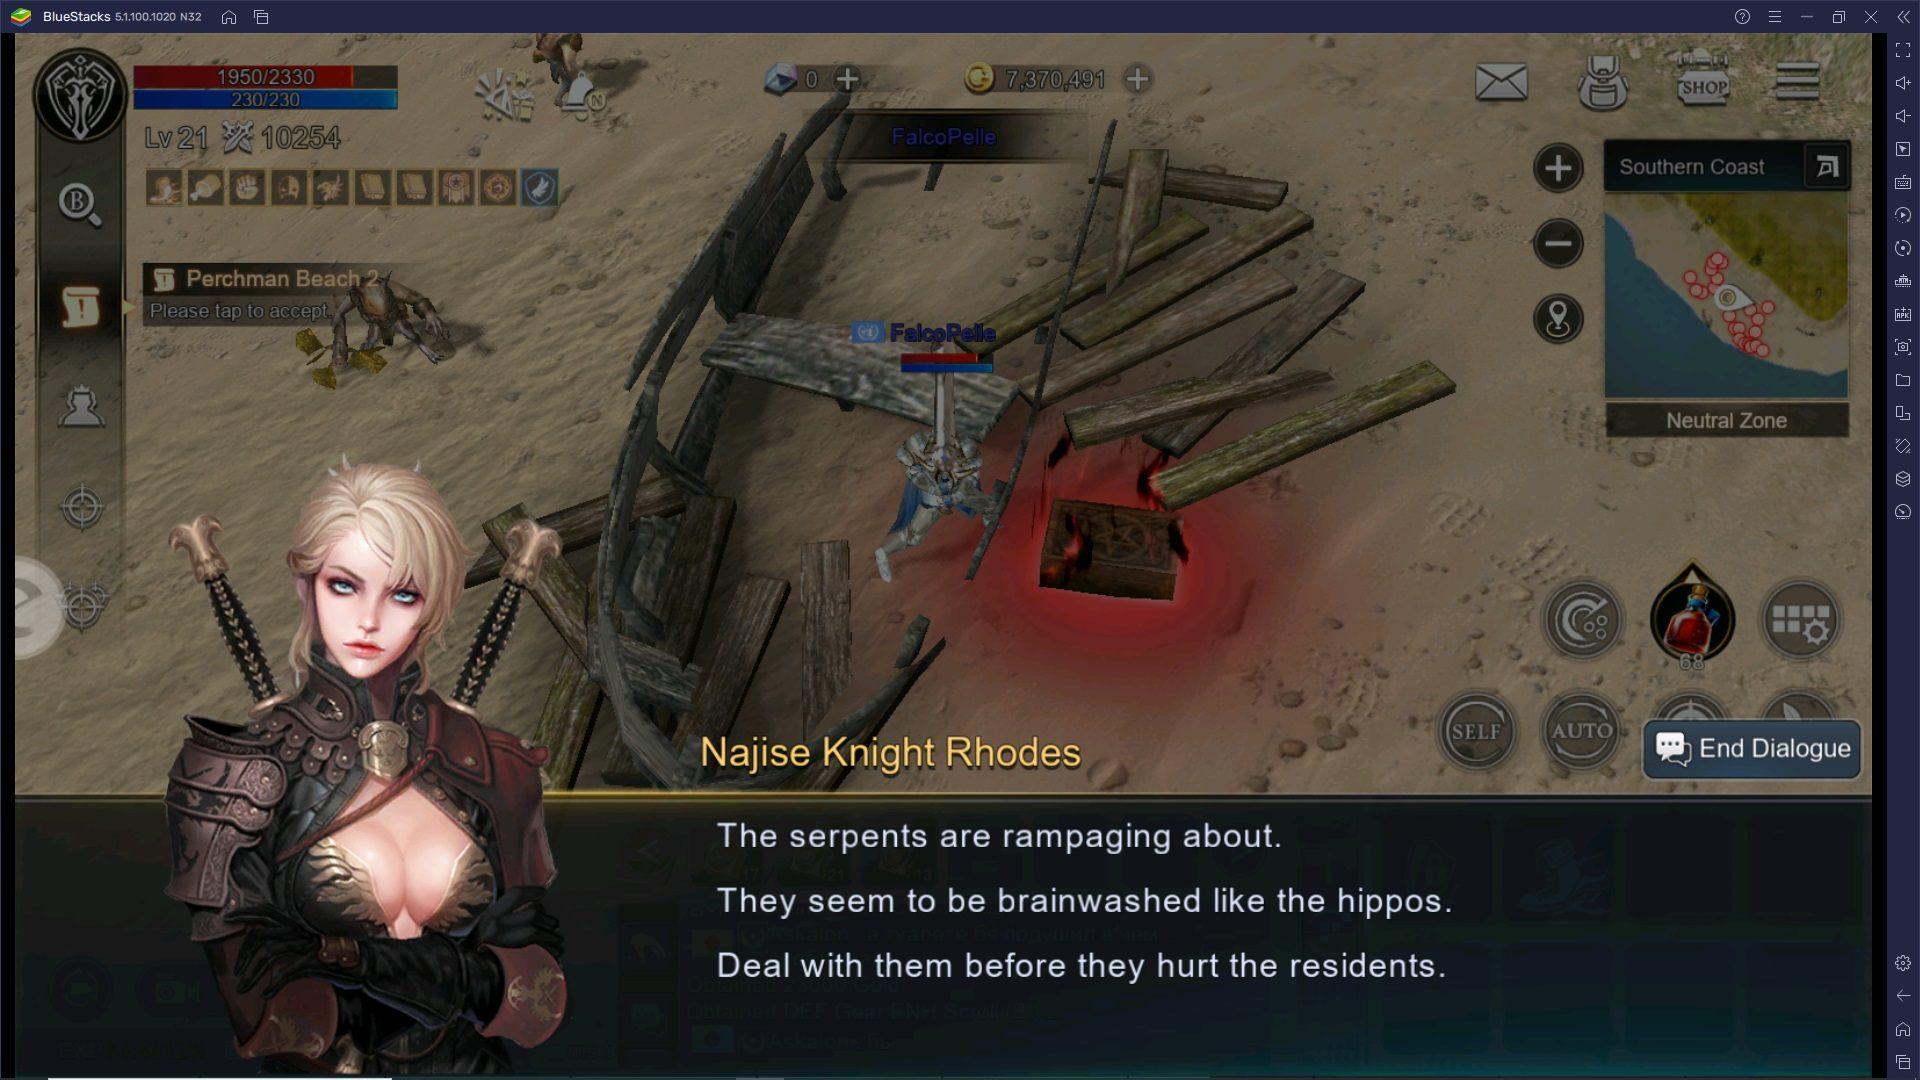 Guida per i nuovi giocatori di Kingdom: The Blood Pledge